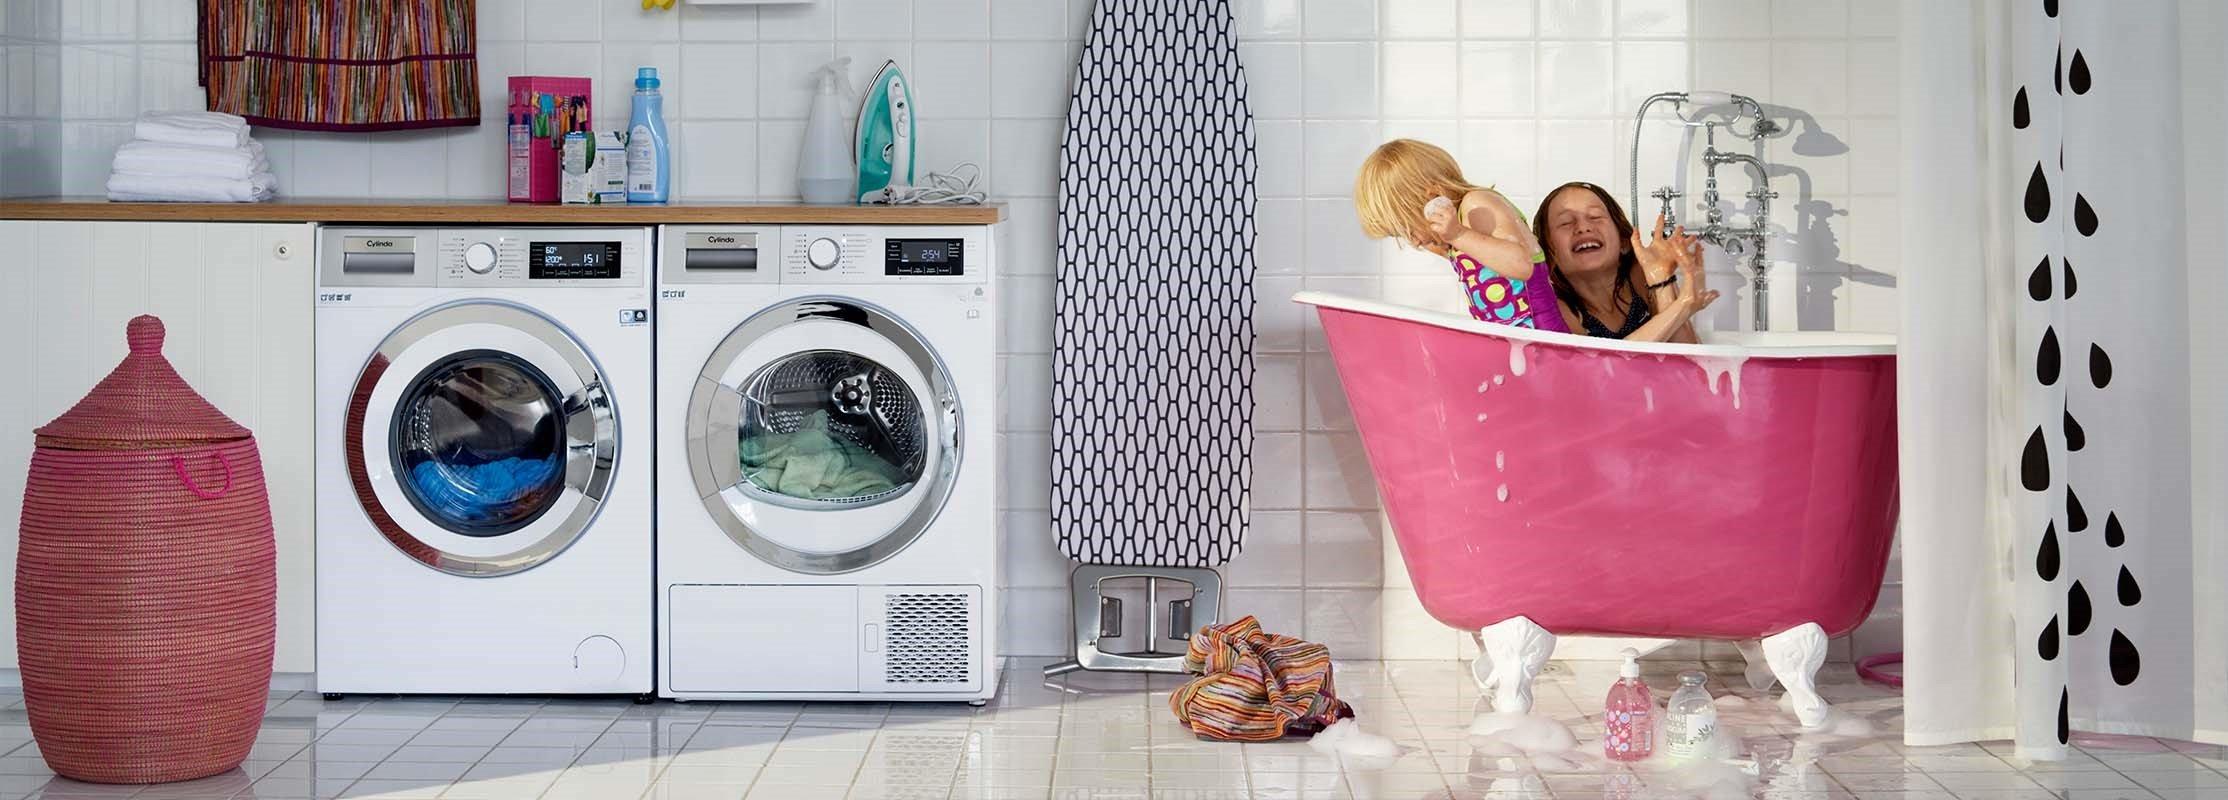 Sida 0   cylinda   tvättmaskin, kyl & frys   bygghemma.se